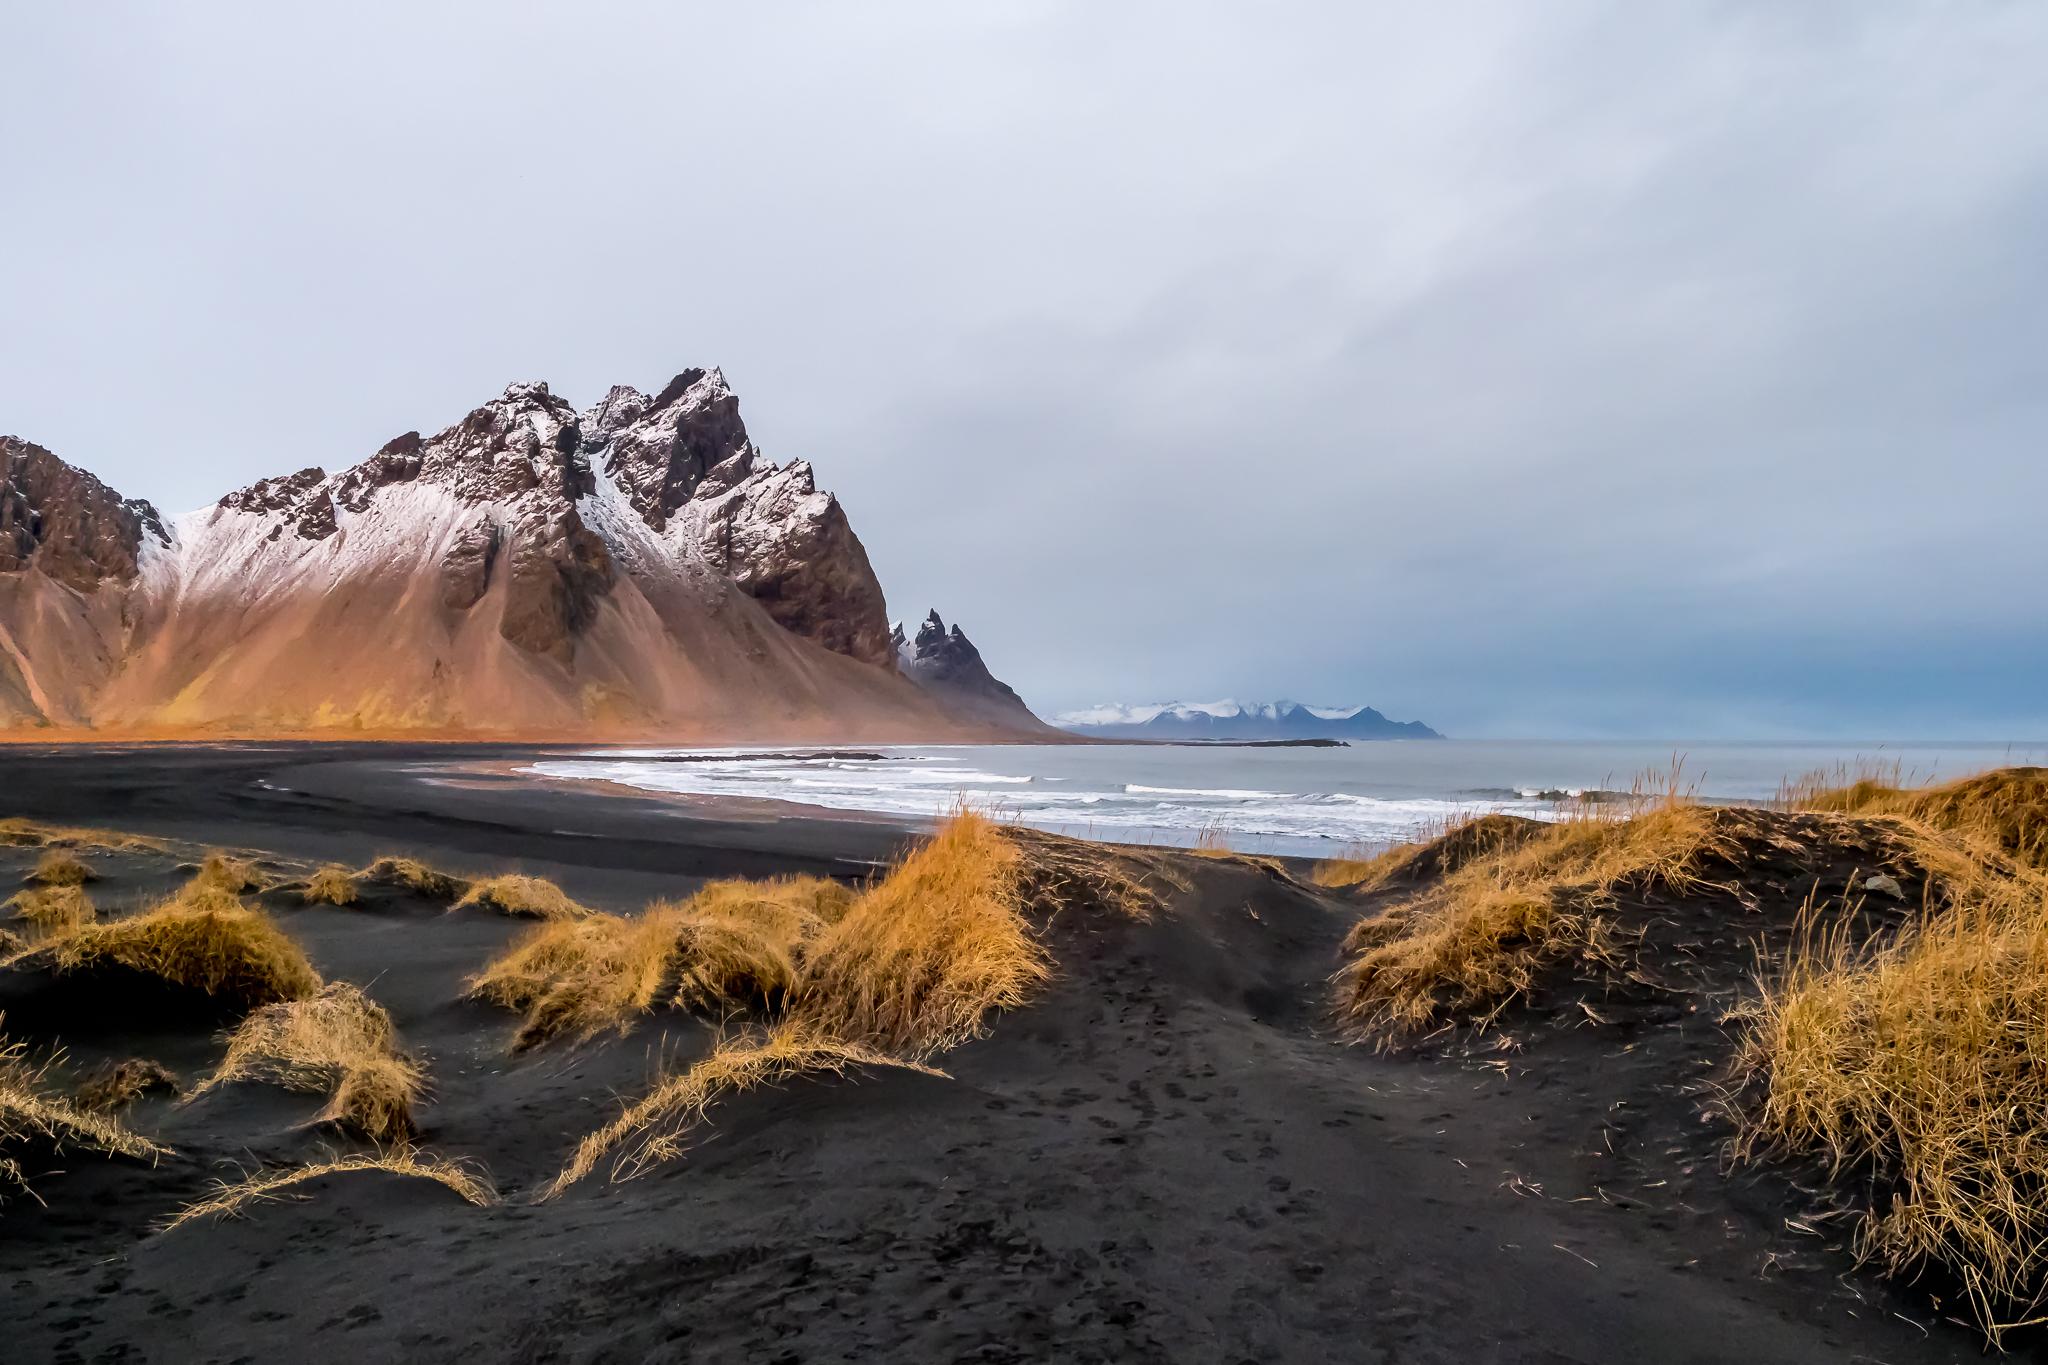 L'or des dunes - Mention 114e - Nature C